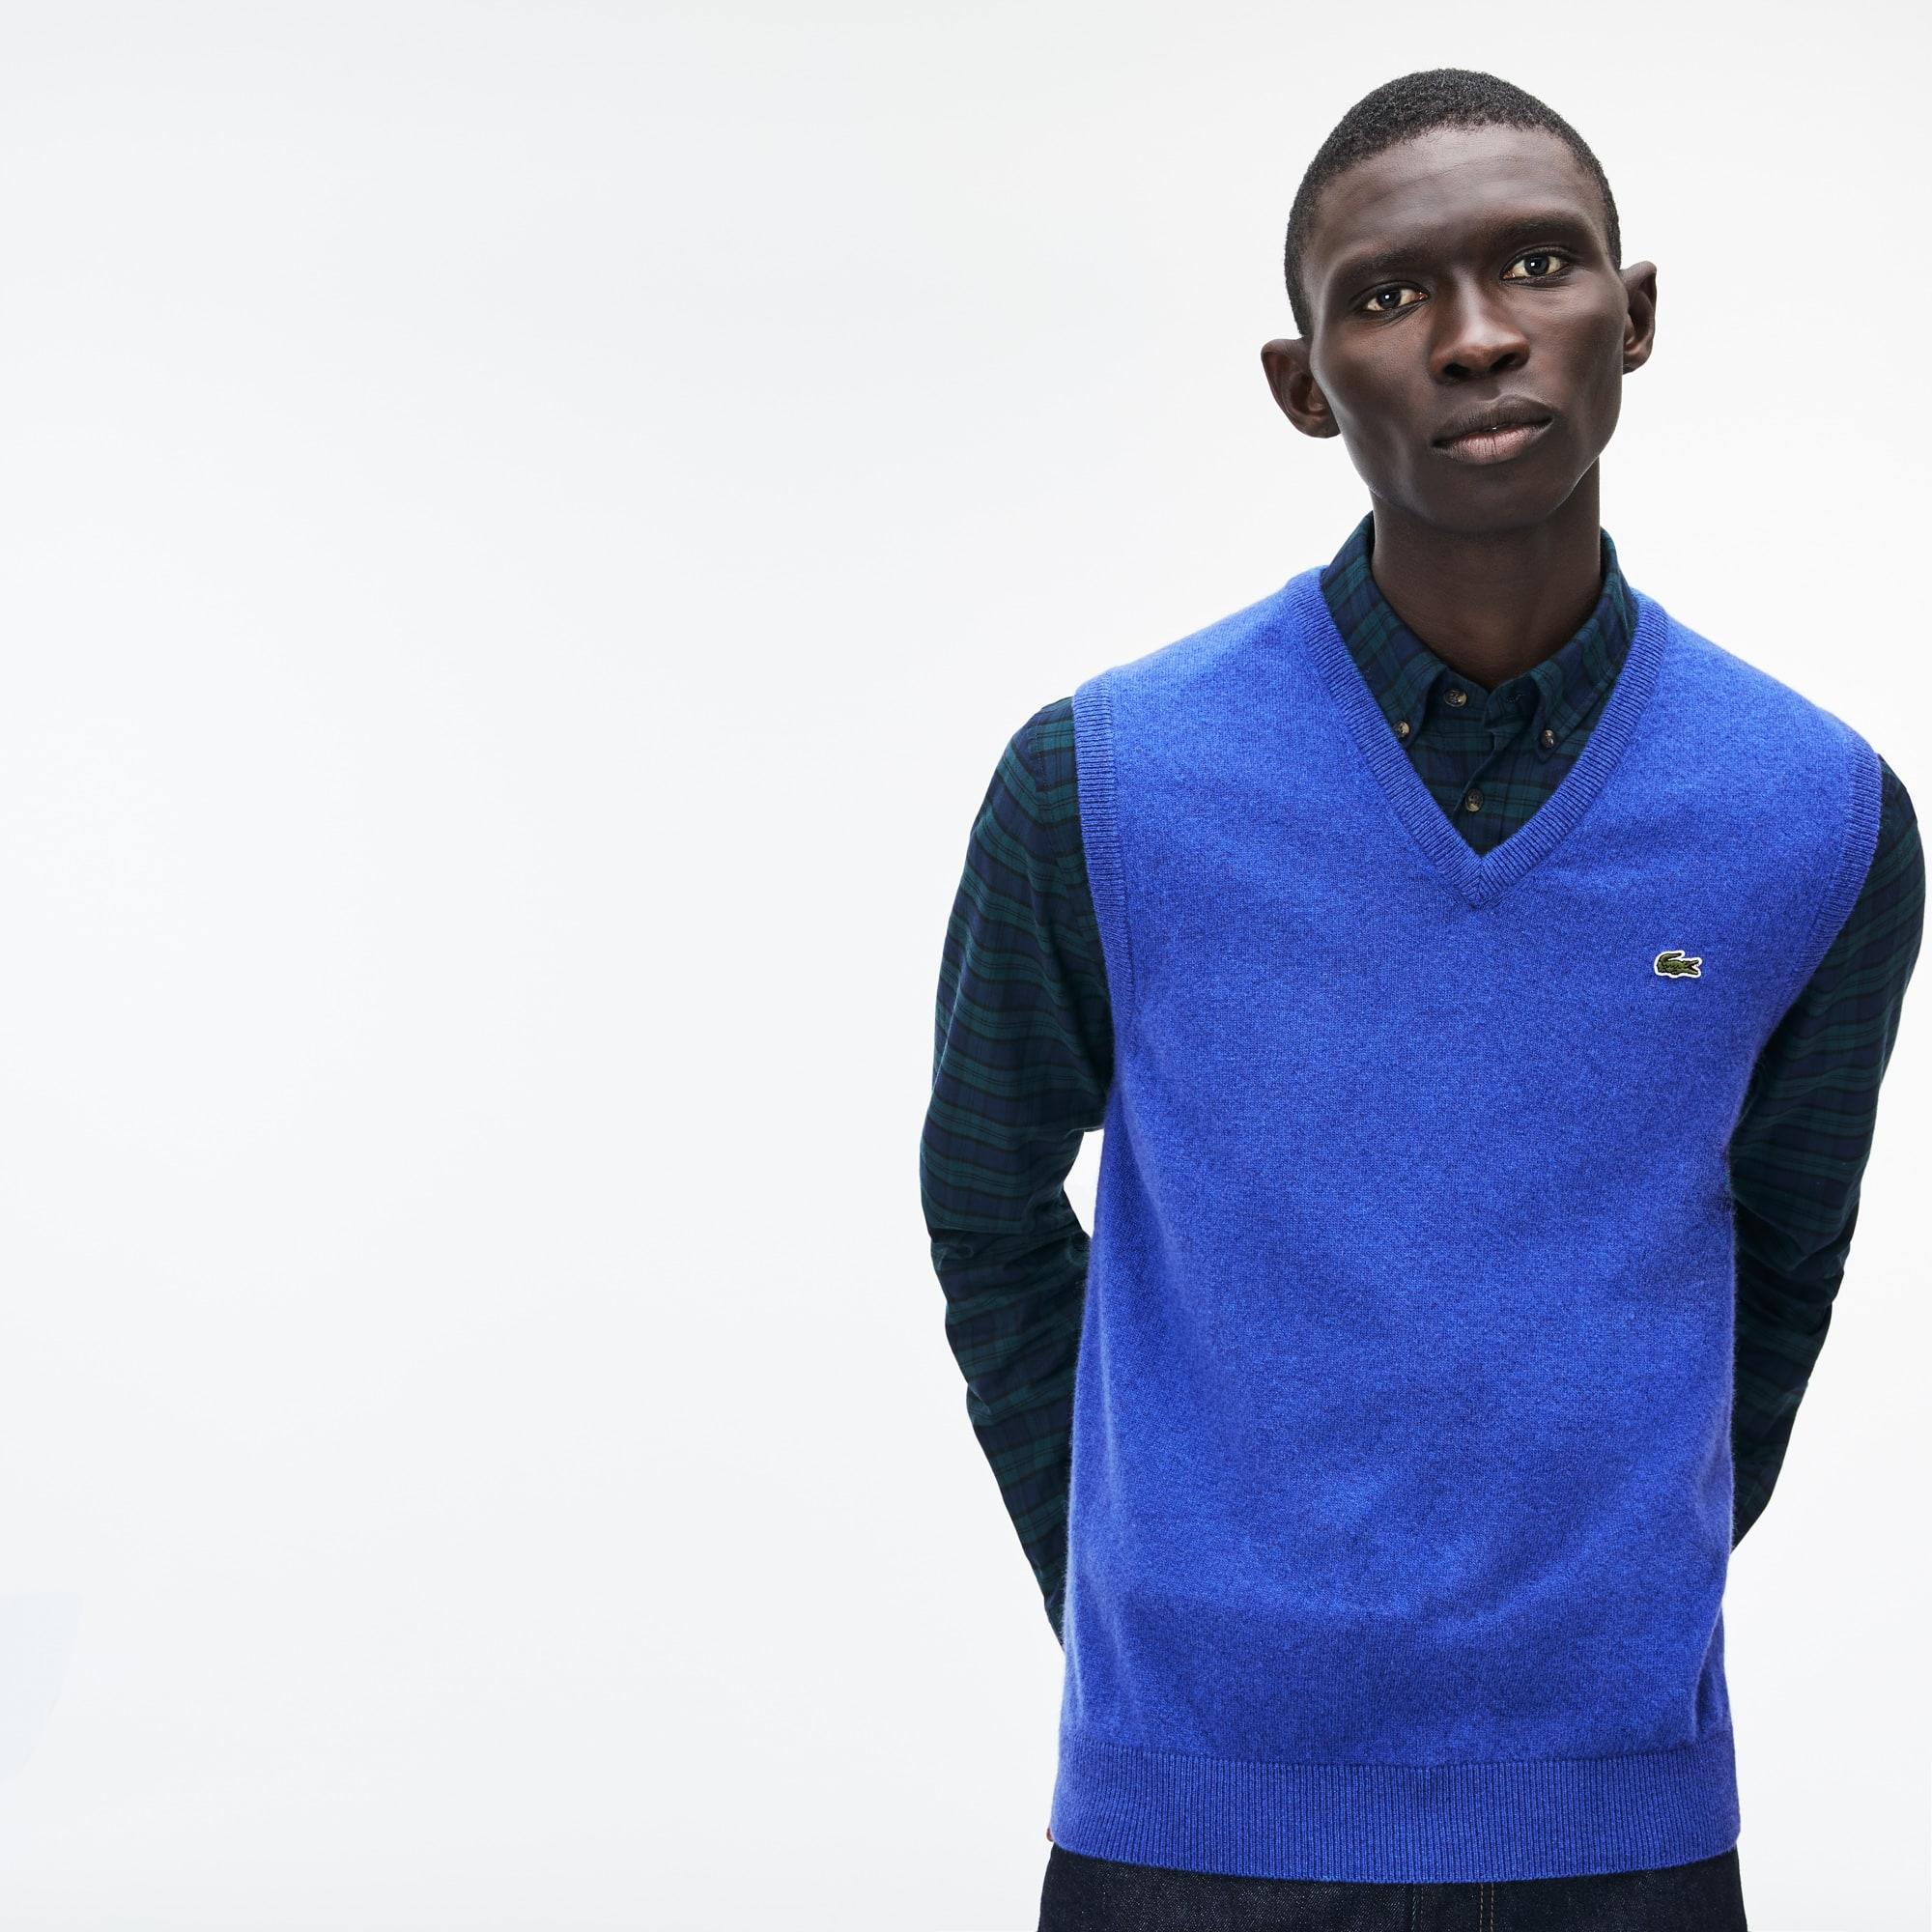 5c4d1e7466 Jumpers - Knitwear | Men's Fashion | LACOSTE